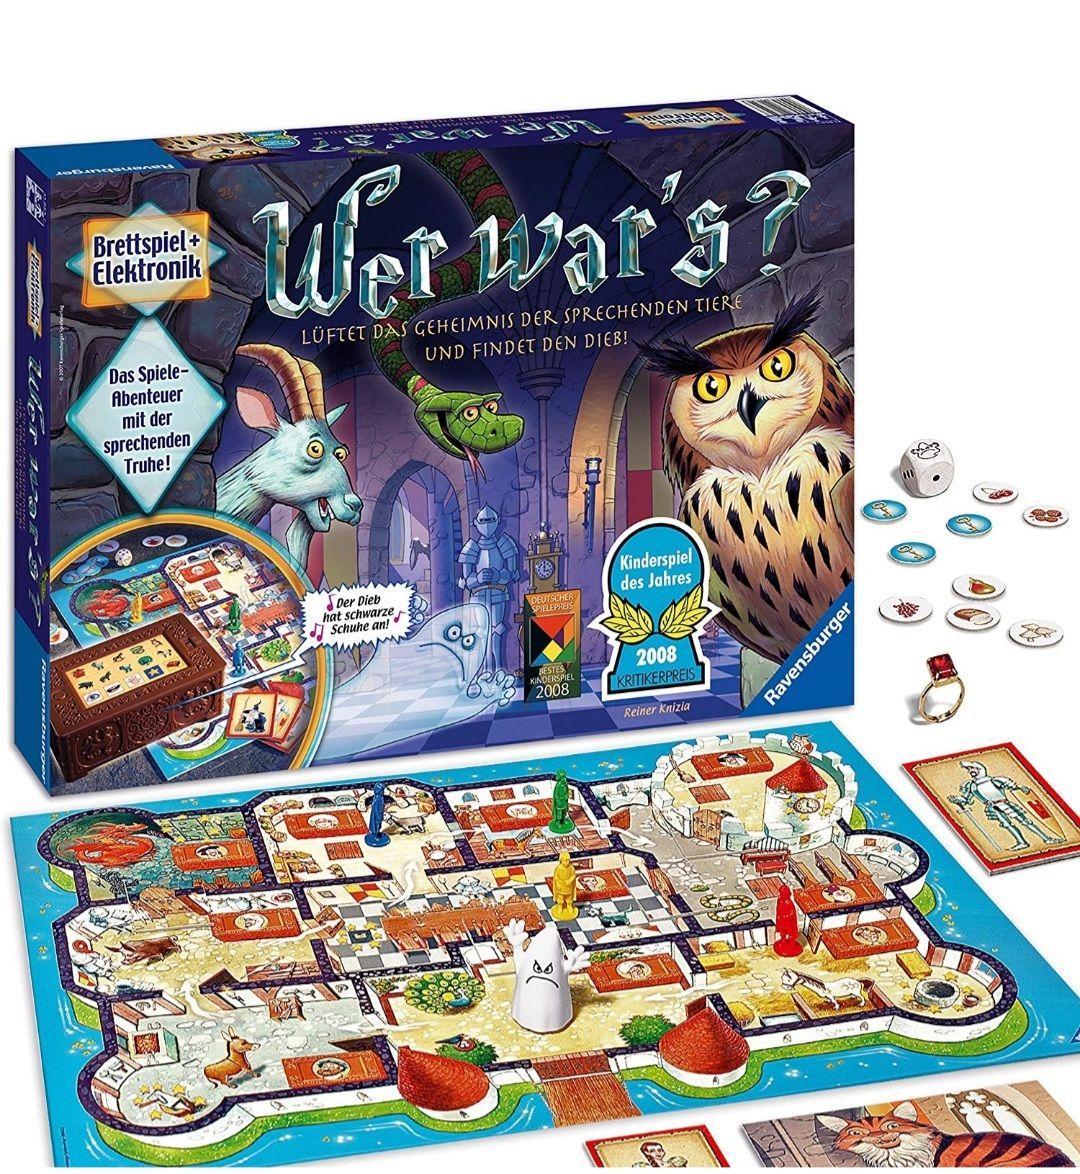 [Prime Day] Ravensburger Kinderspiel Wer war's, Kinderspiel des Jahres, für 2-4 Spieler, ab 6 Jahren